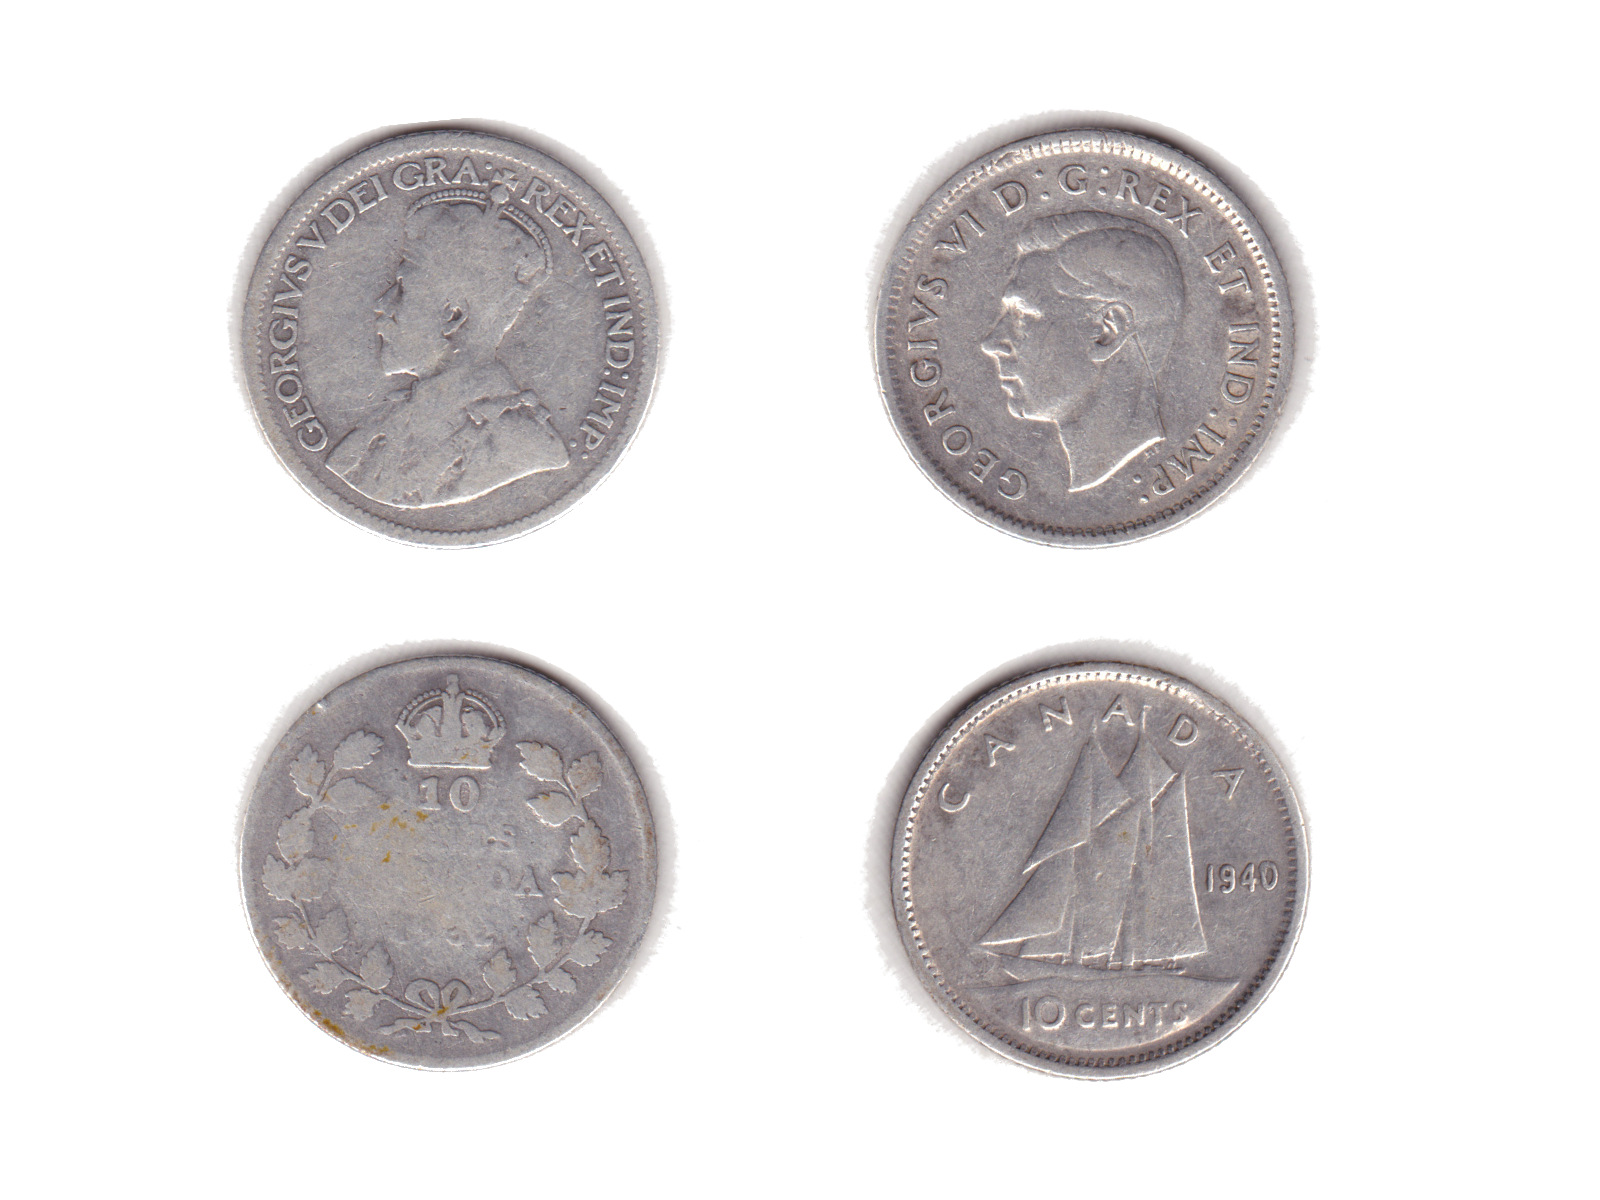 カナダ10Centsコイン エリザベス女王の肖像に注目_c0027285_1126252.jpg